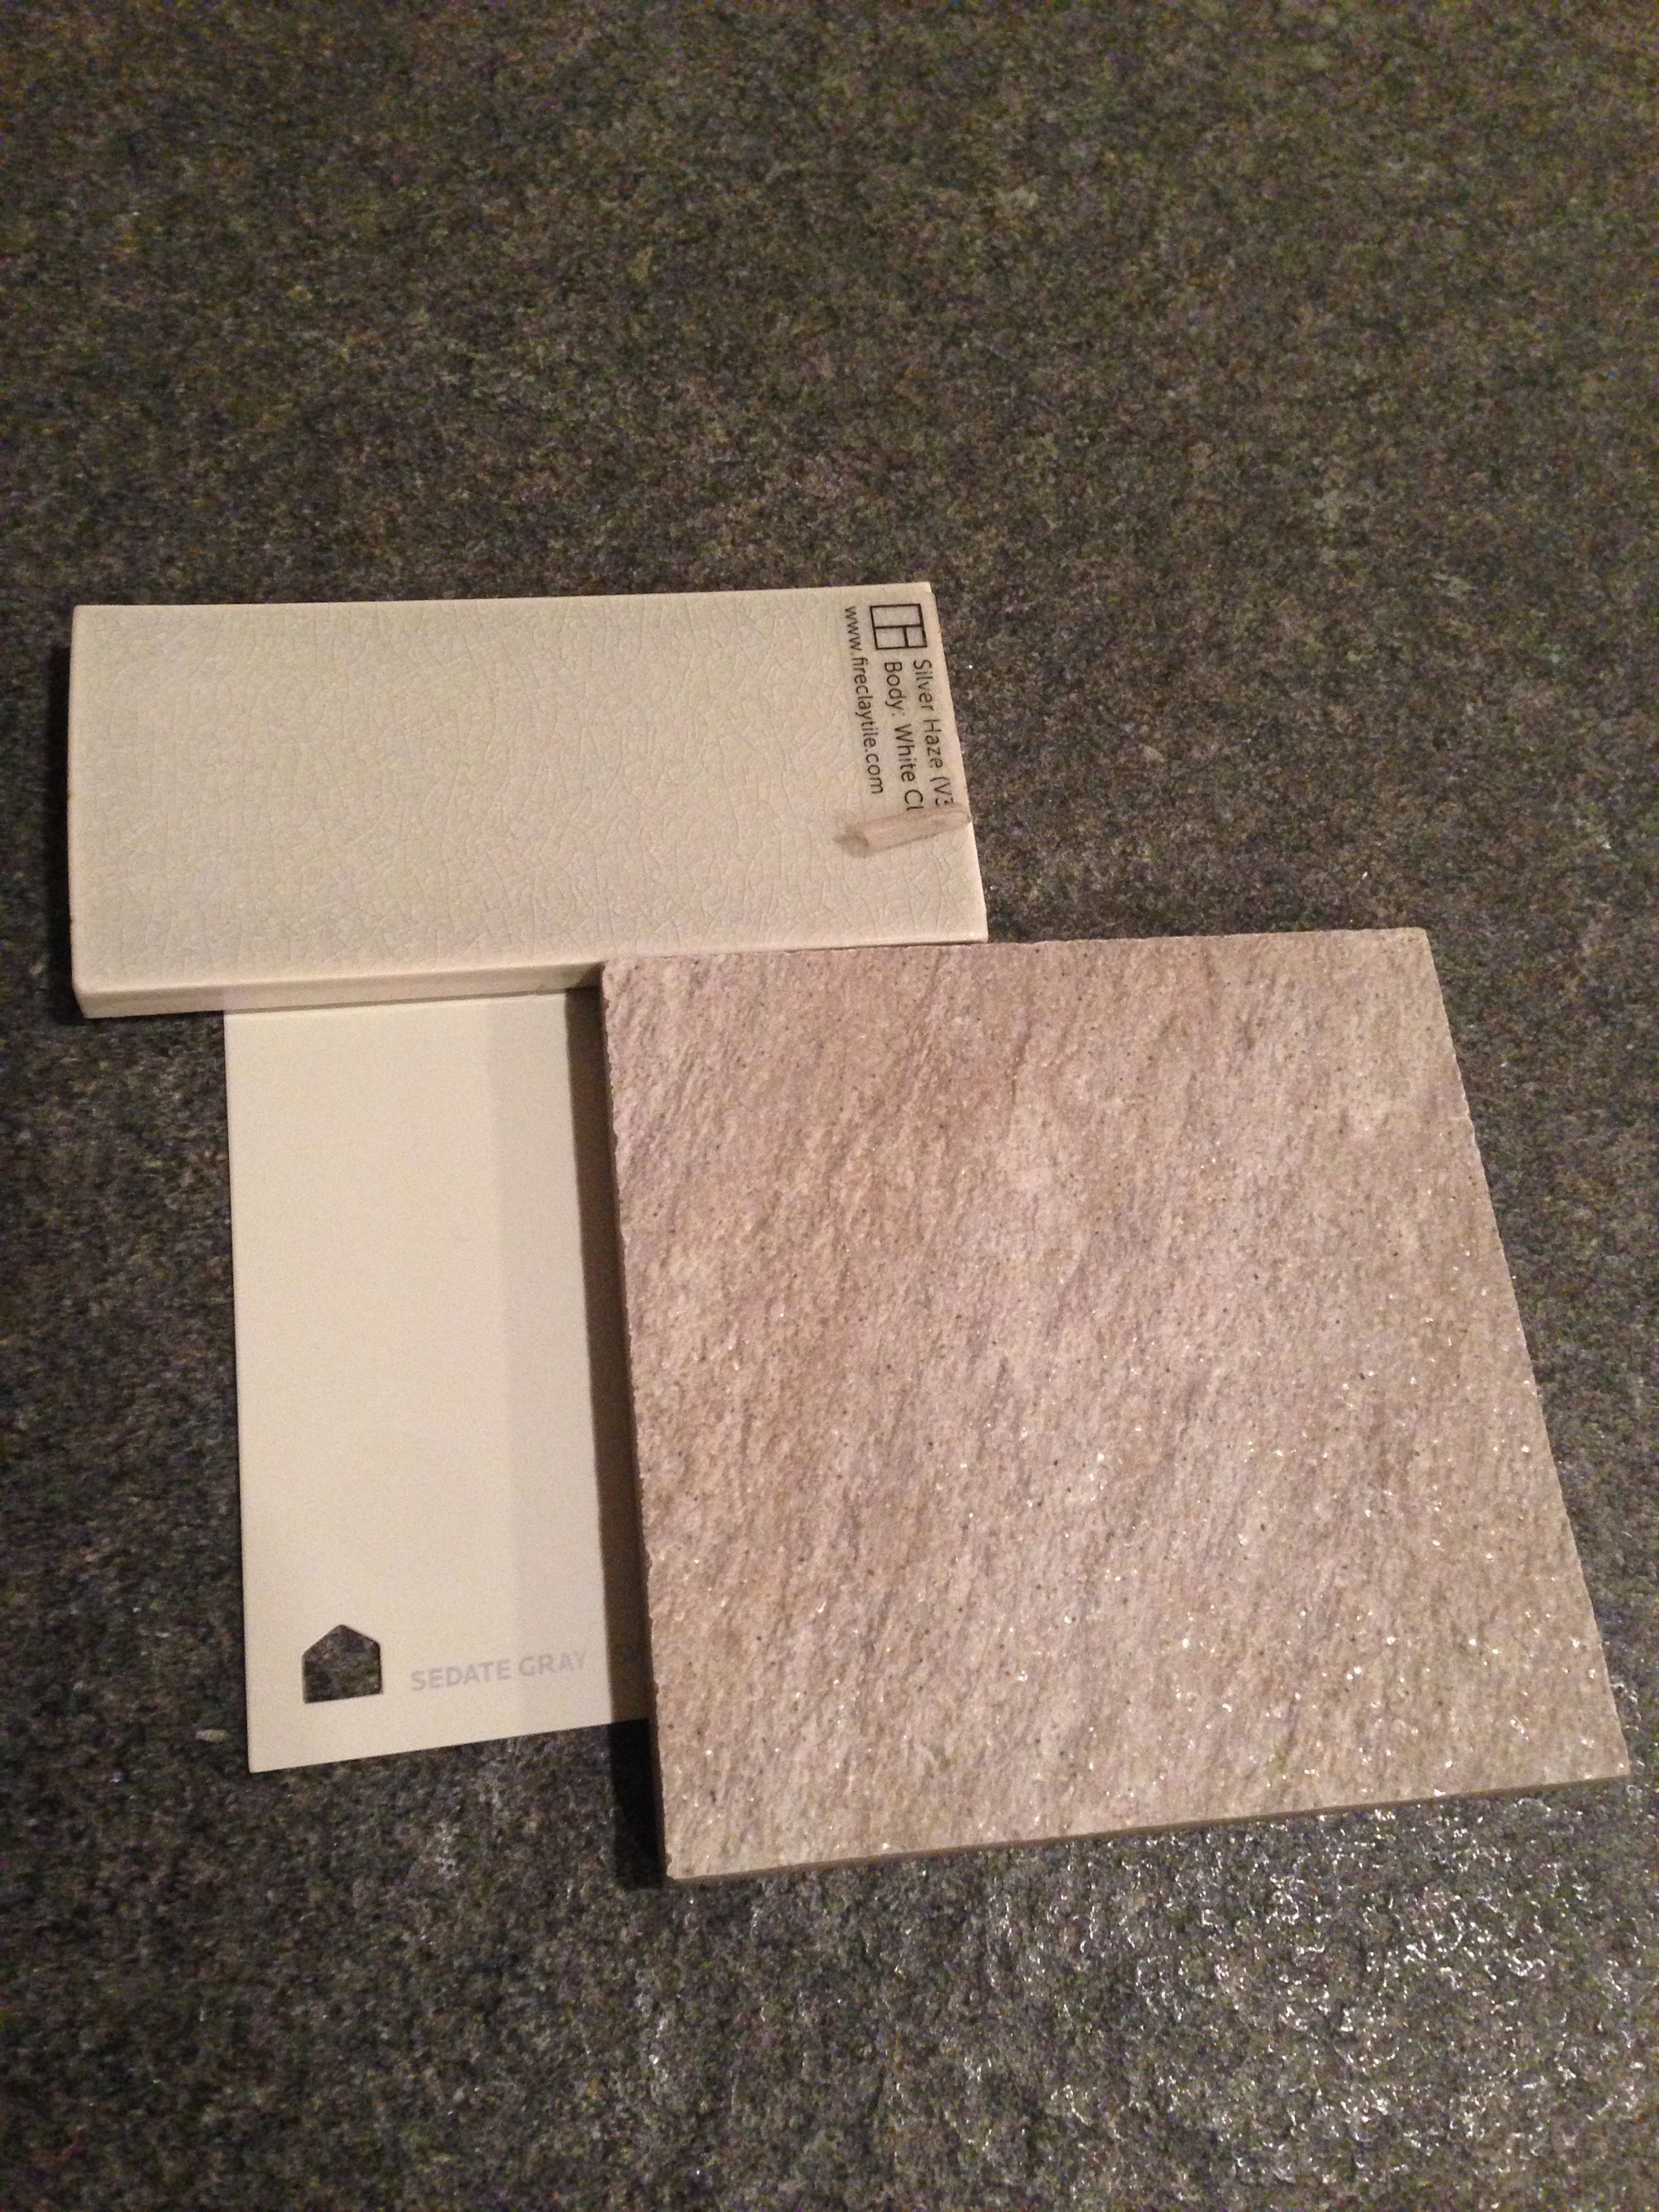 Absolute Black Anticado Granite Sherwin Williams Sedate Grey Paint Pental Anthology Grey Floor Tile Fireclay Silve Grey Flooring Grey Floor Tiles Grey Paint